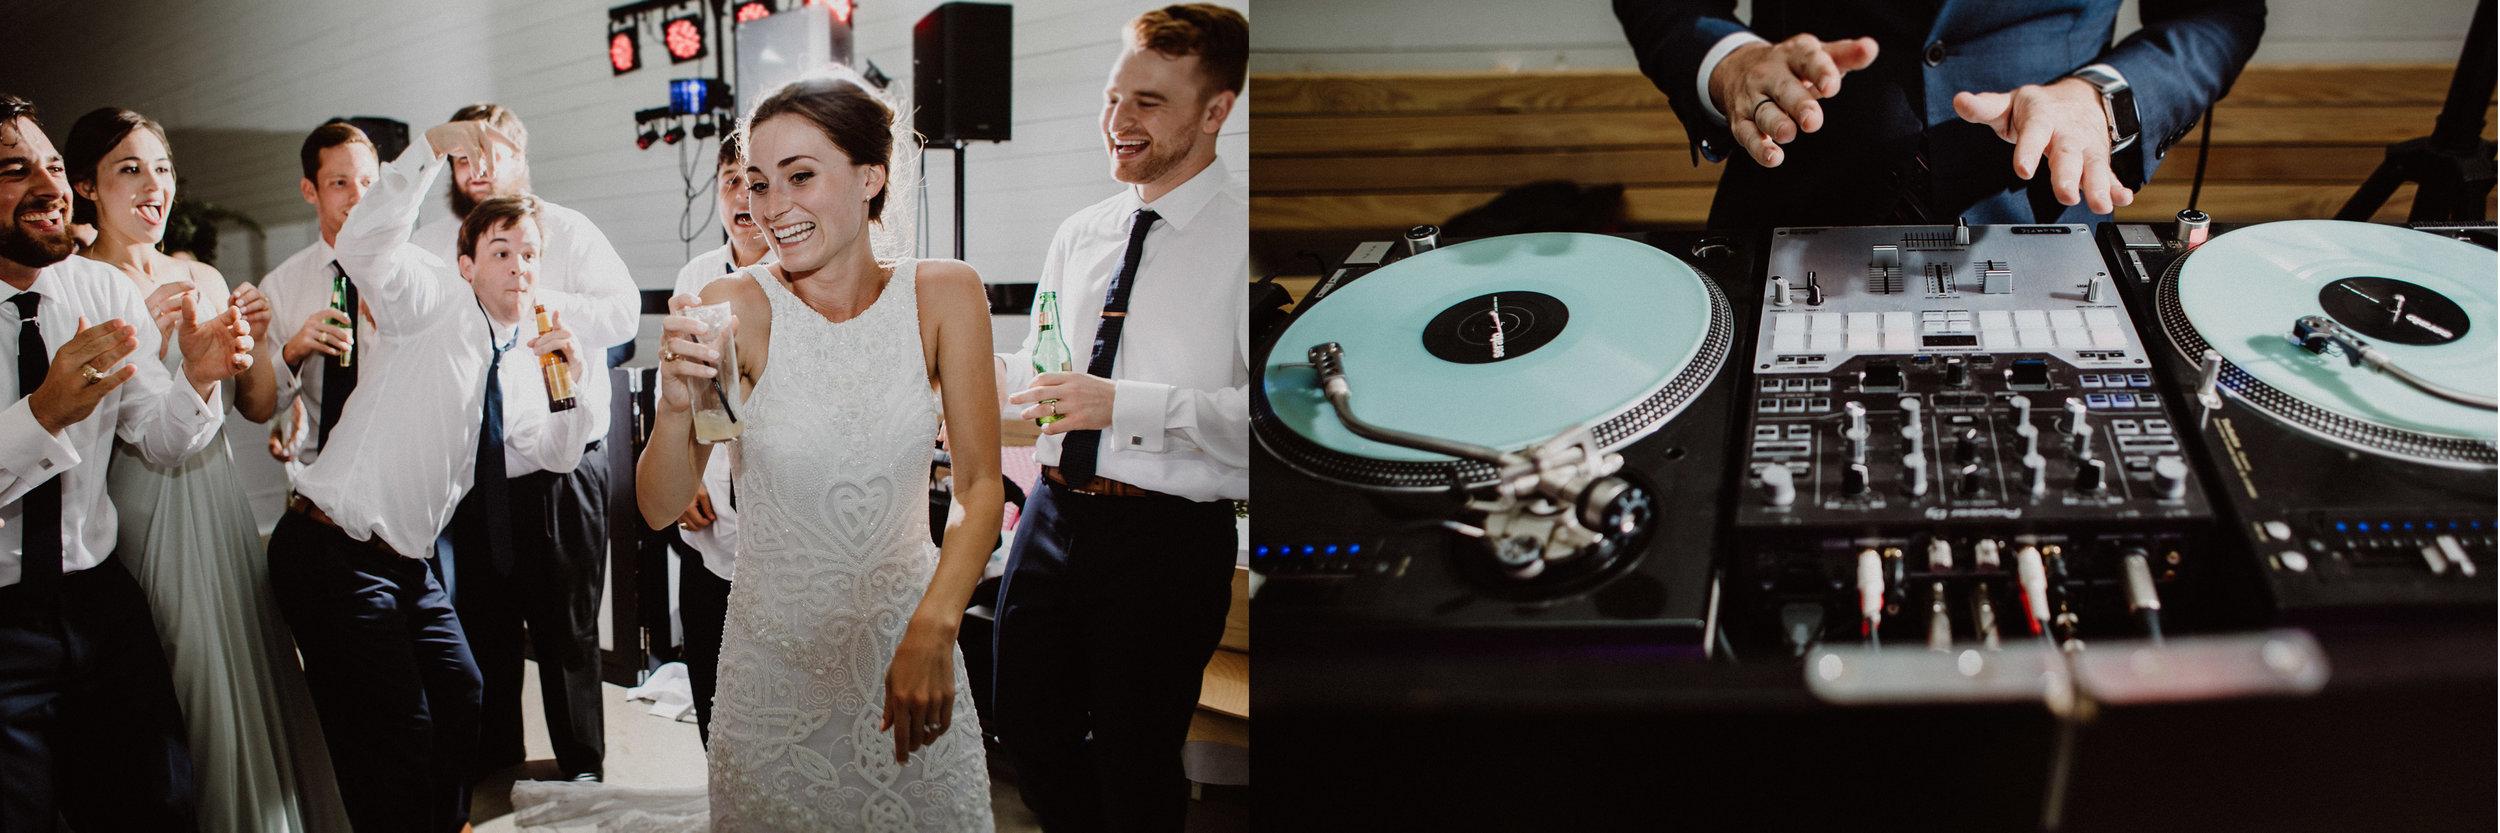 prospect-house-wedding-16jpg.jpg